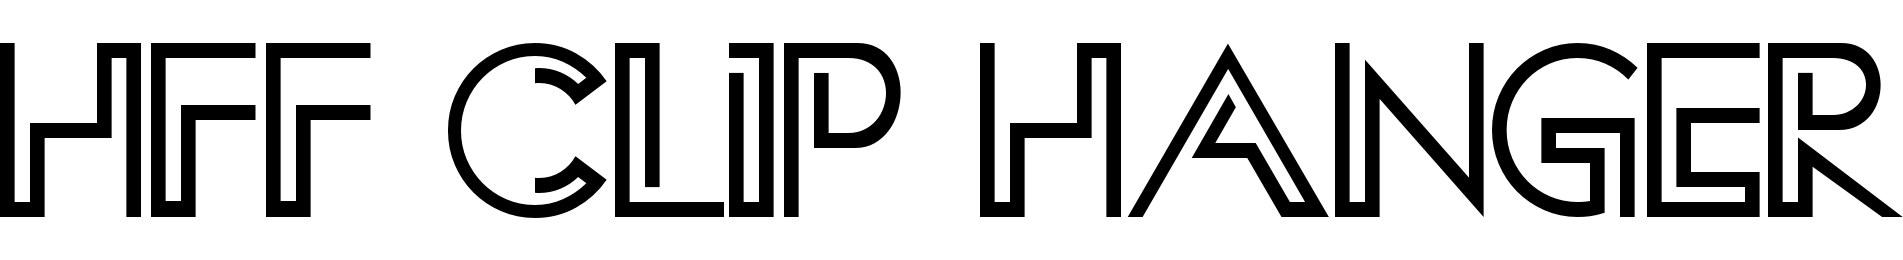 HFF Clip Hanger